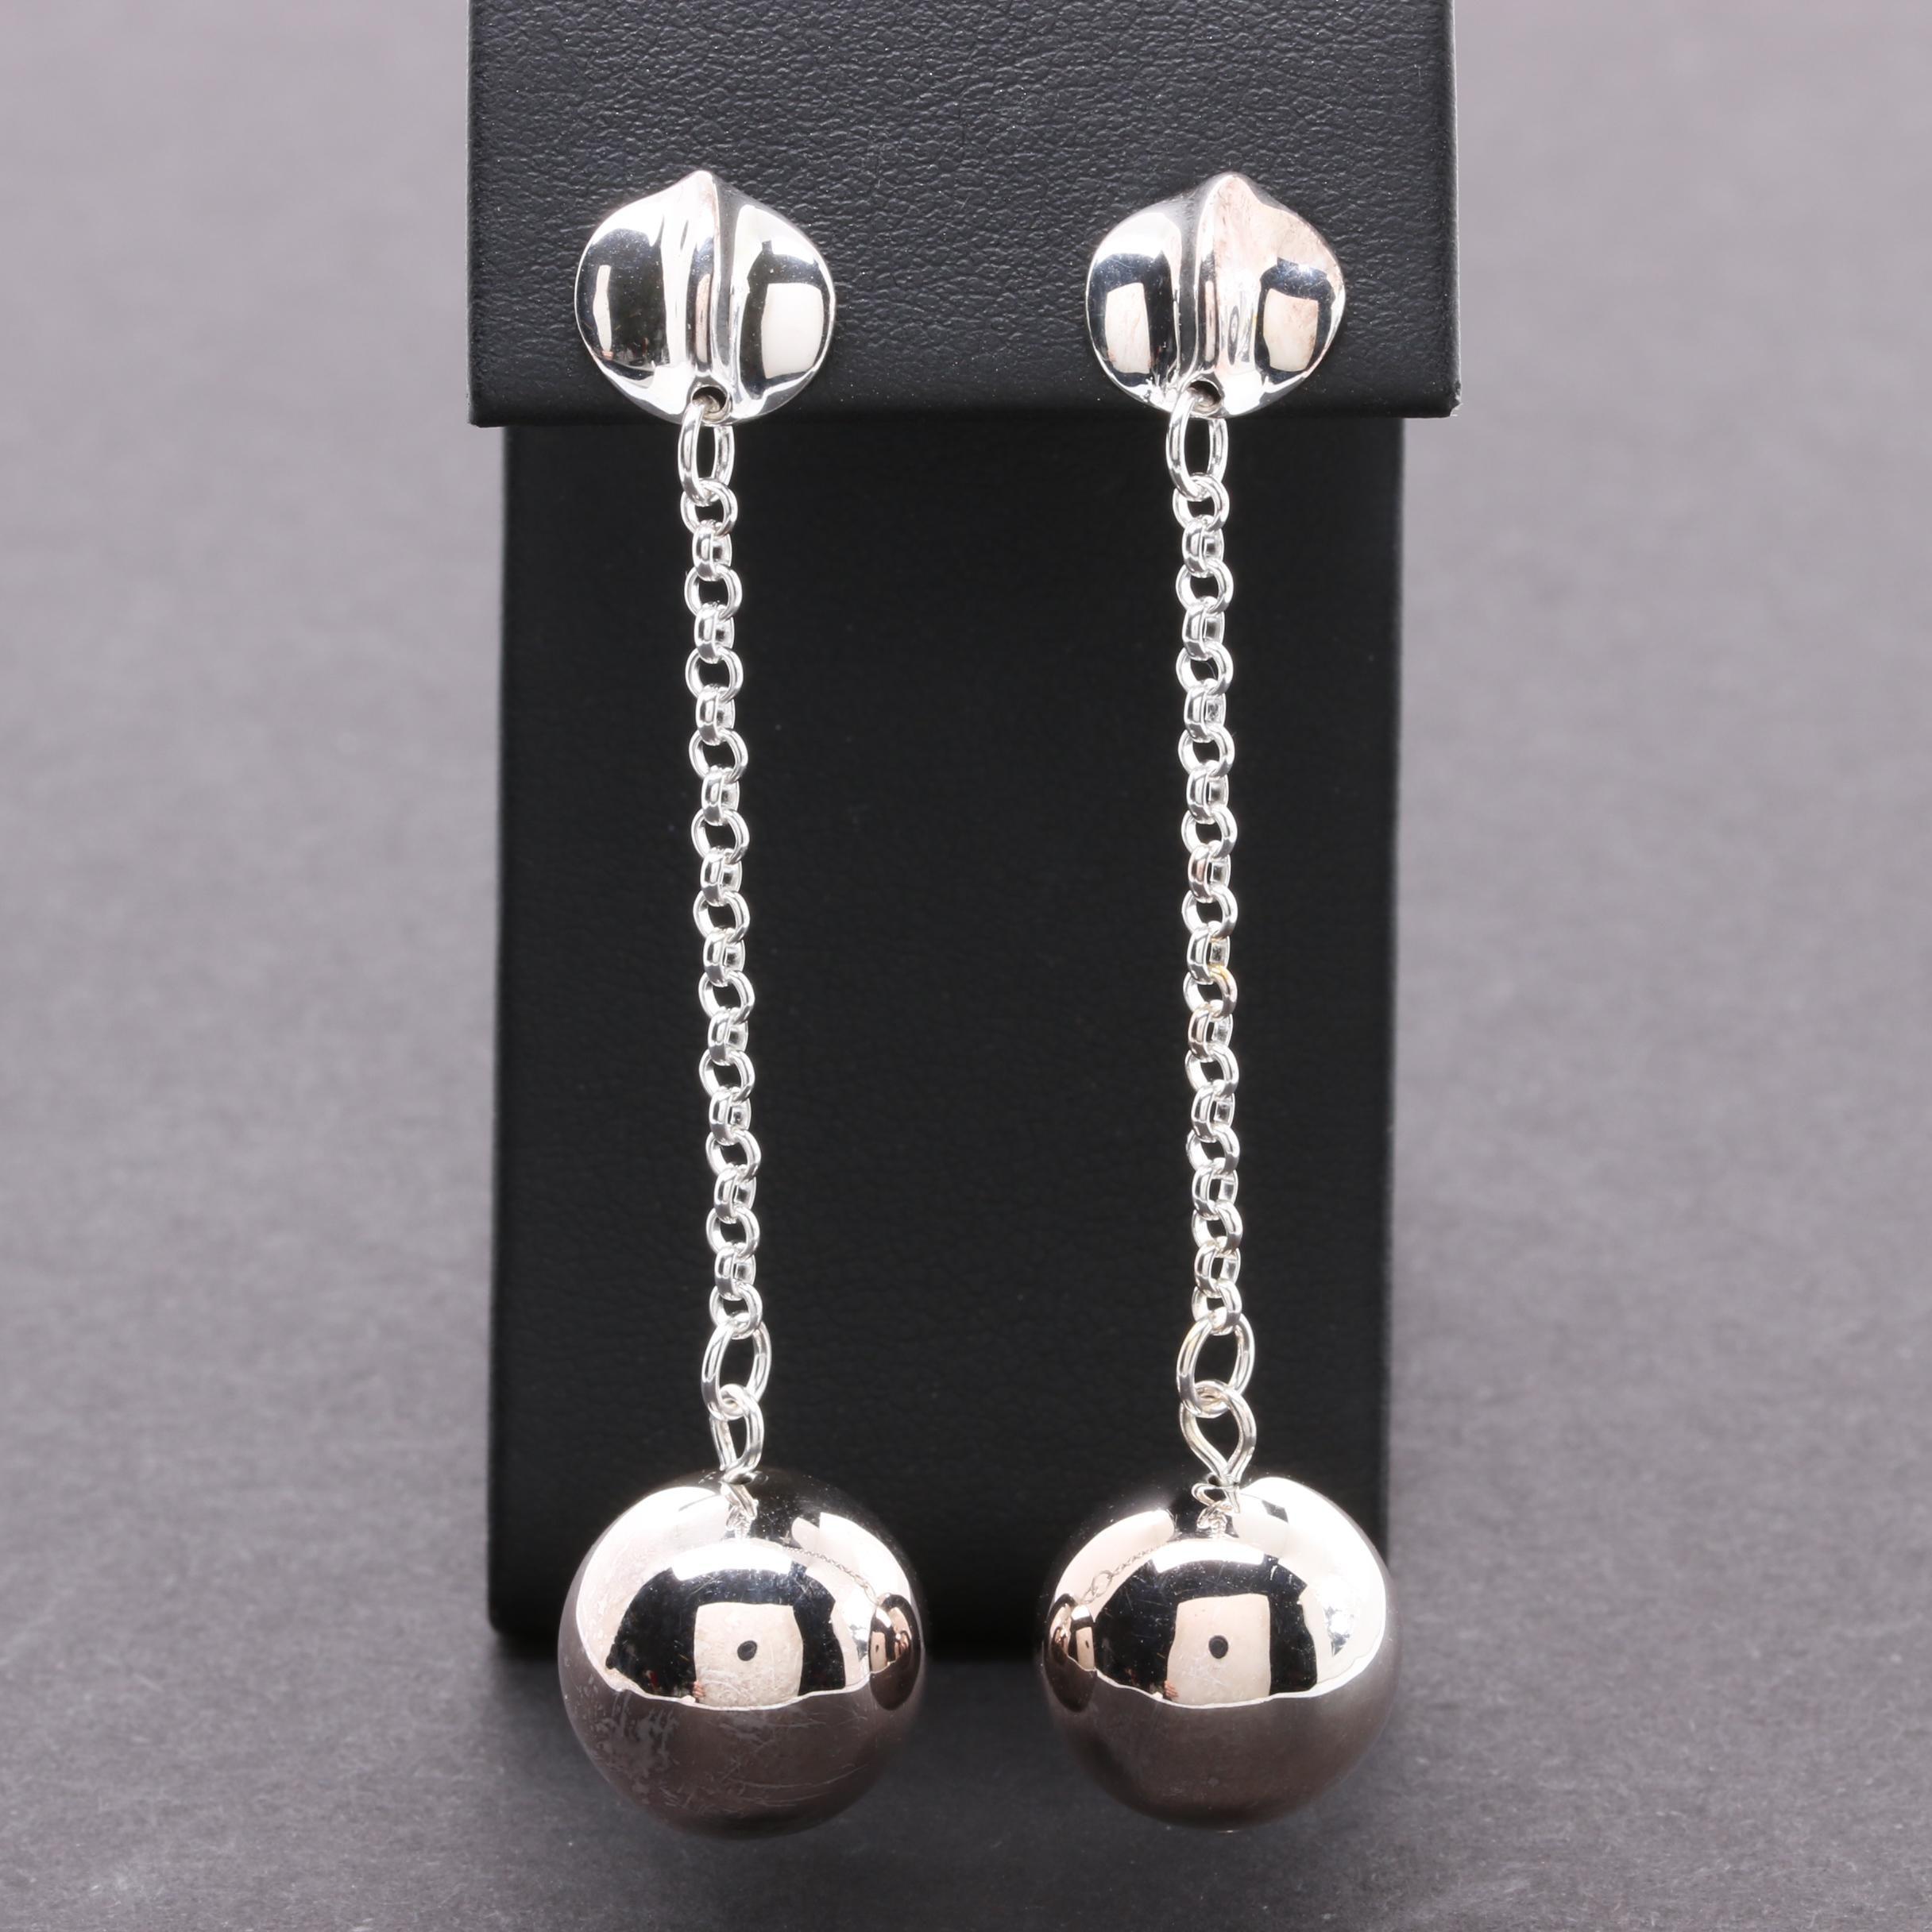 RLM Studios Sterling Silver Dangling Sphere Earrings